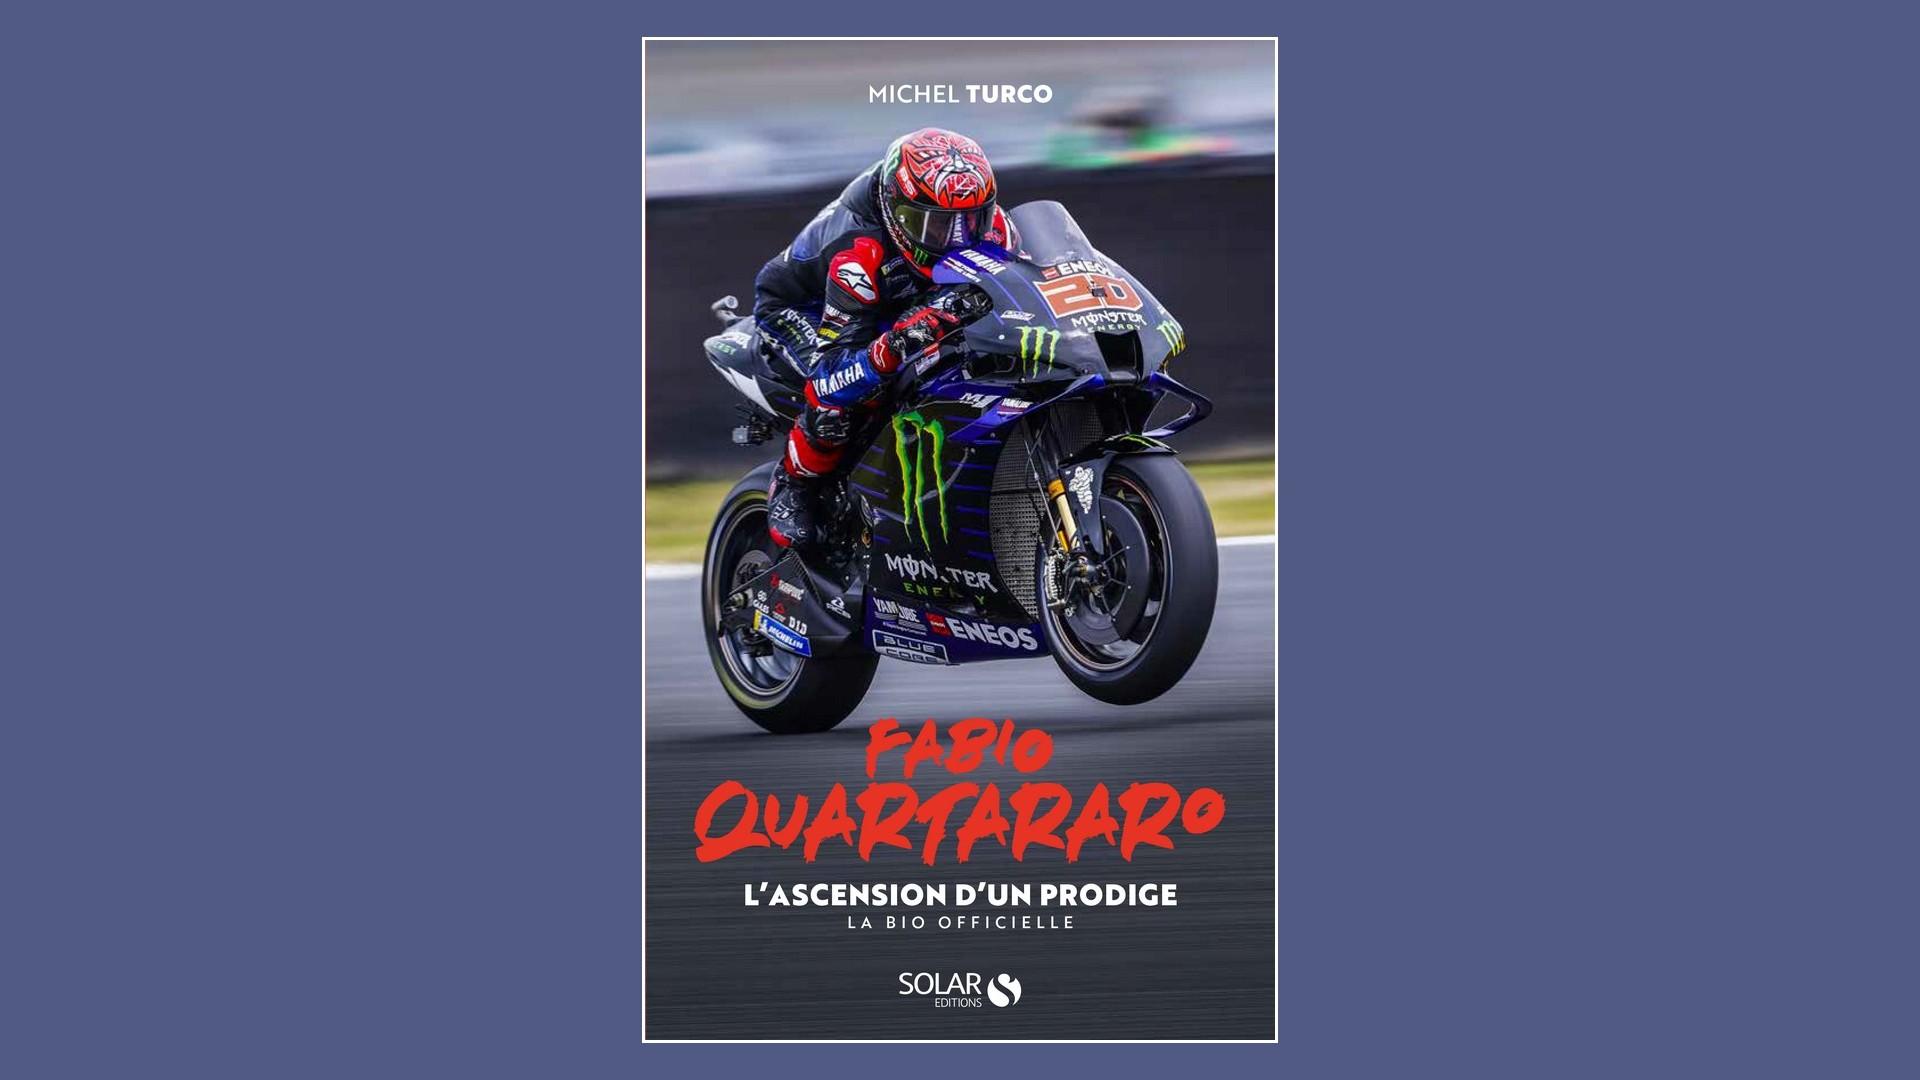 Livres – Fabio Quartararo Biographie – Michel Turco (2021)